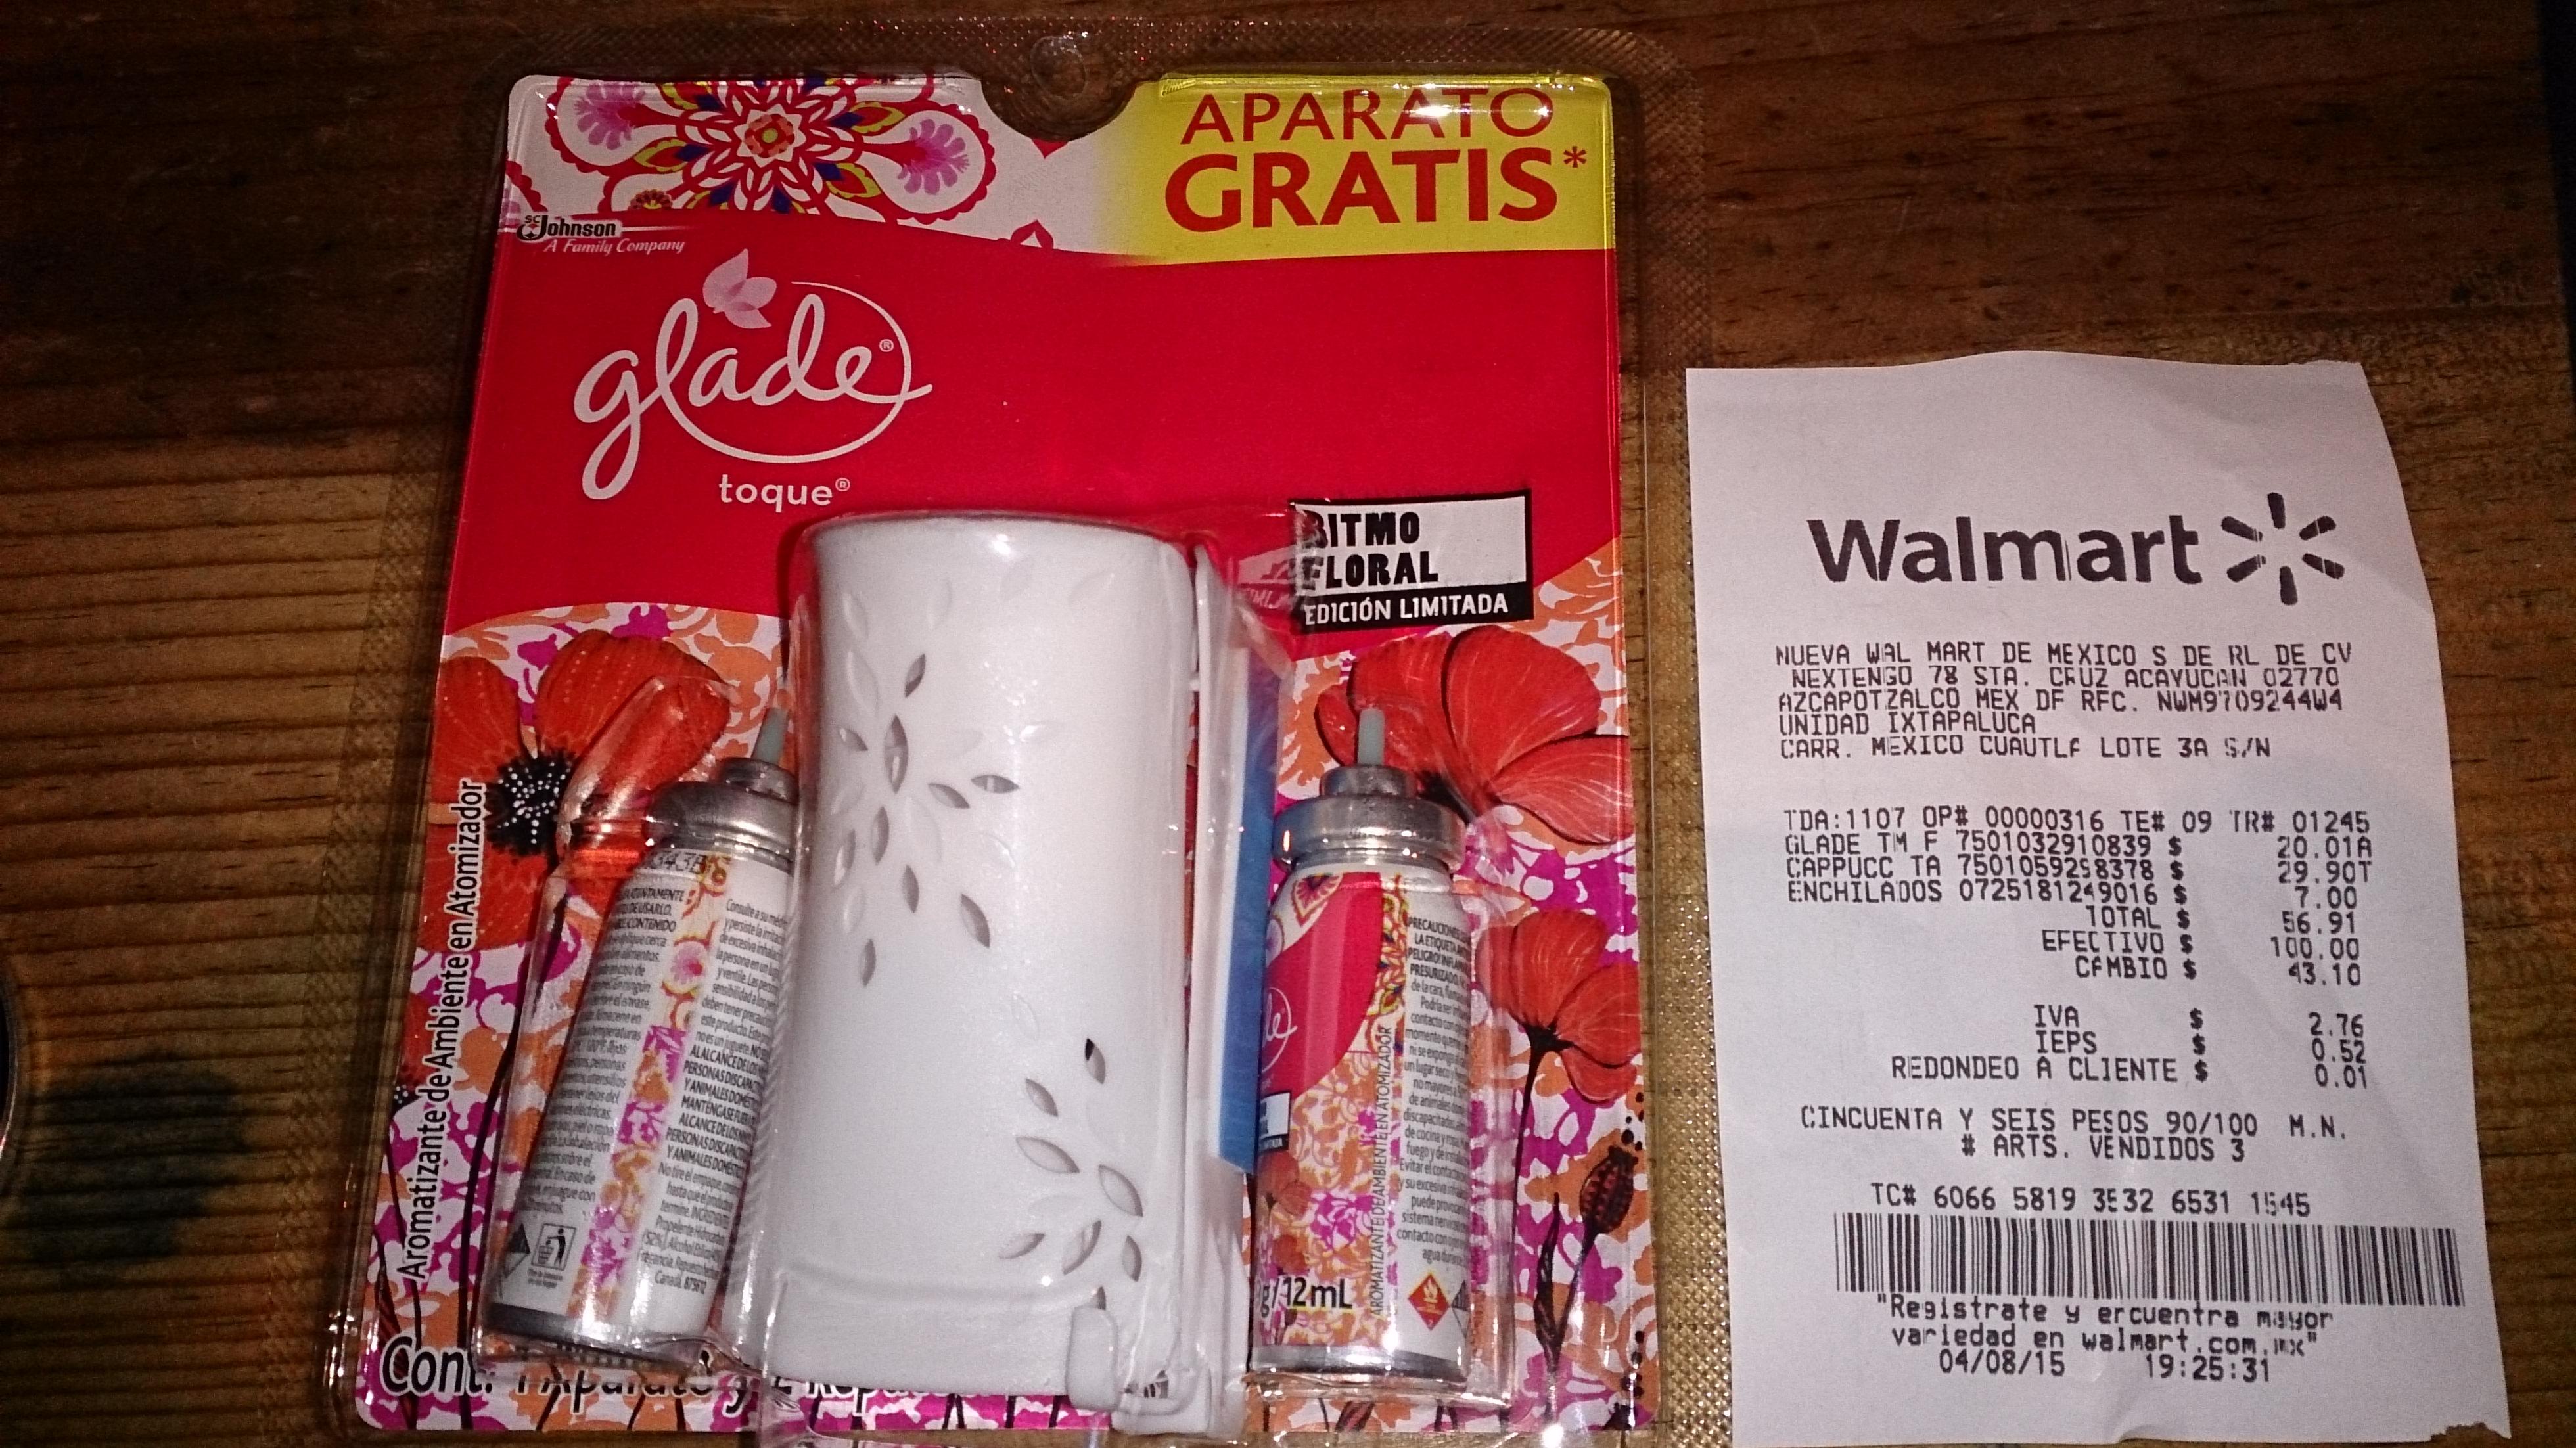 Walmart: Aromatizante Glade a $20